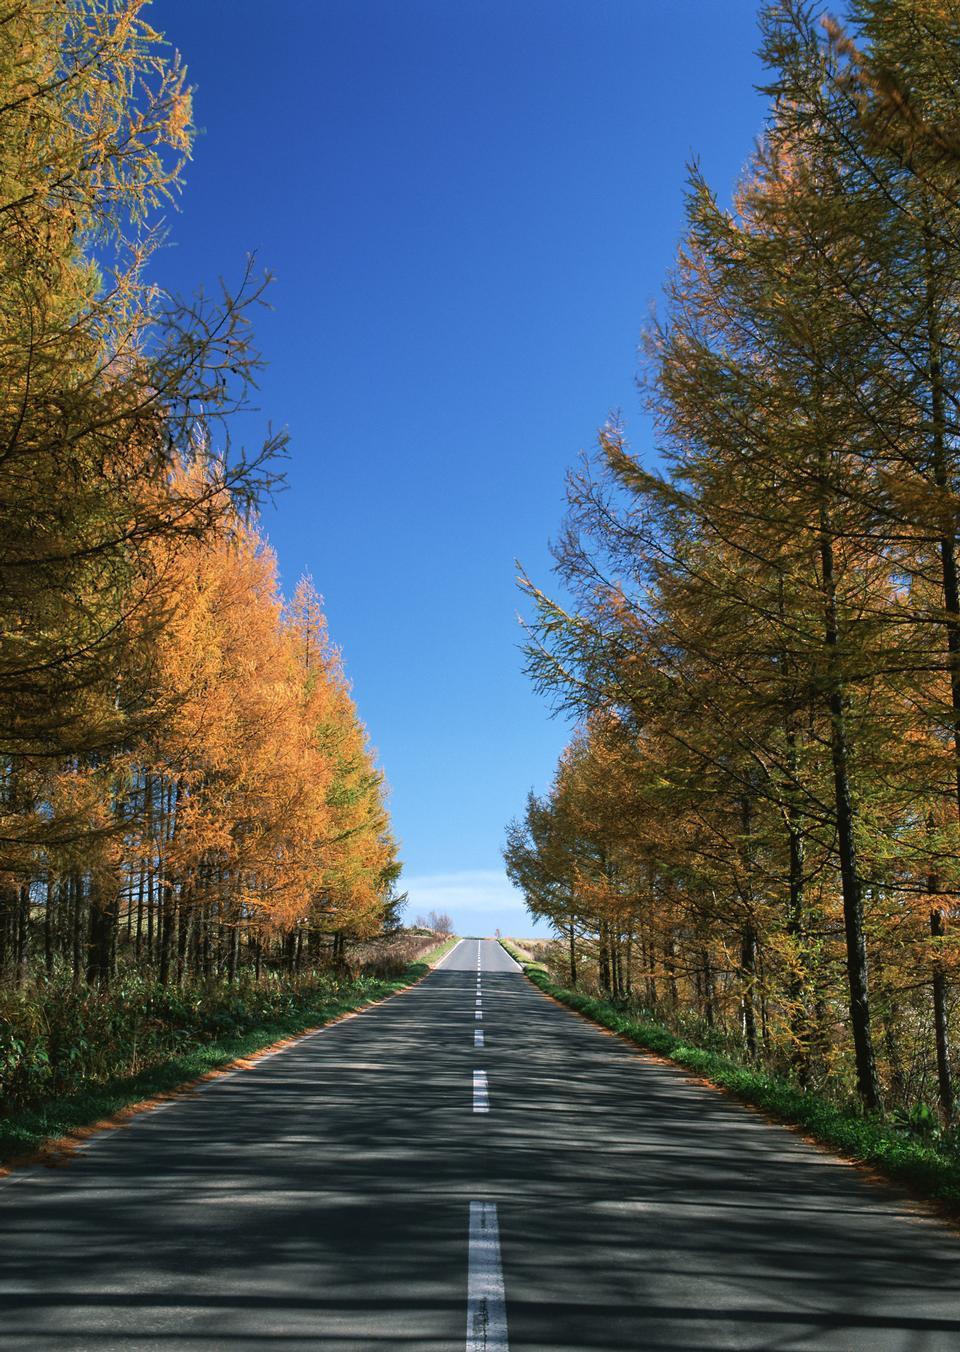 美丽乡村道路